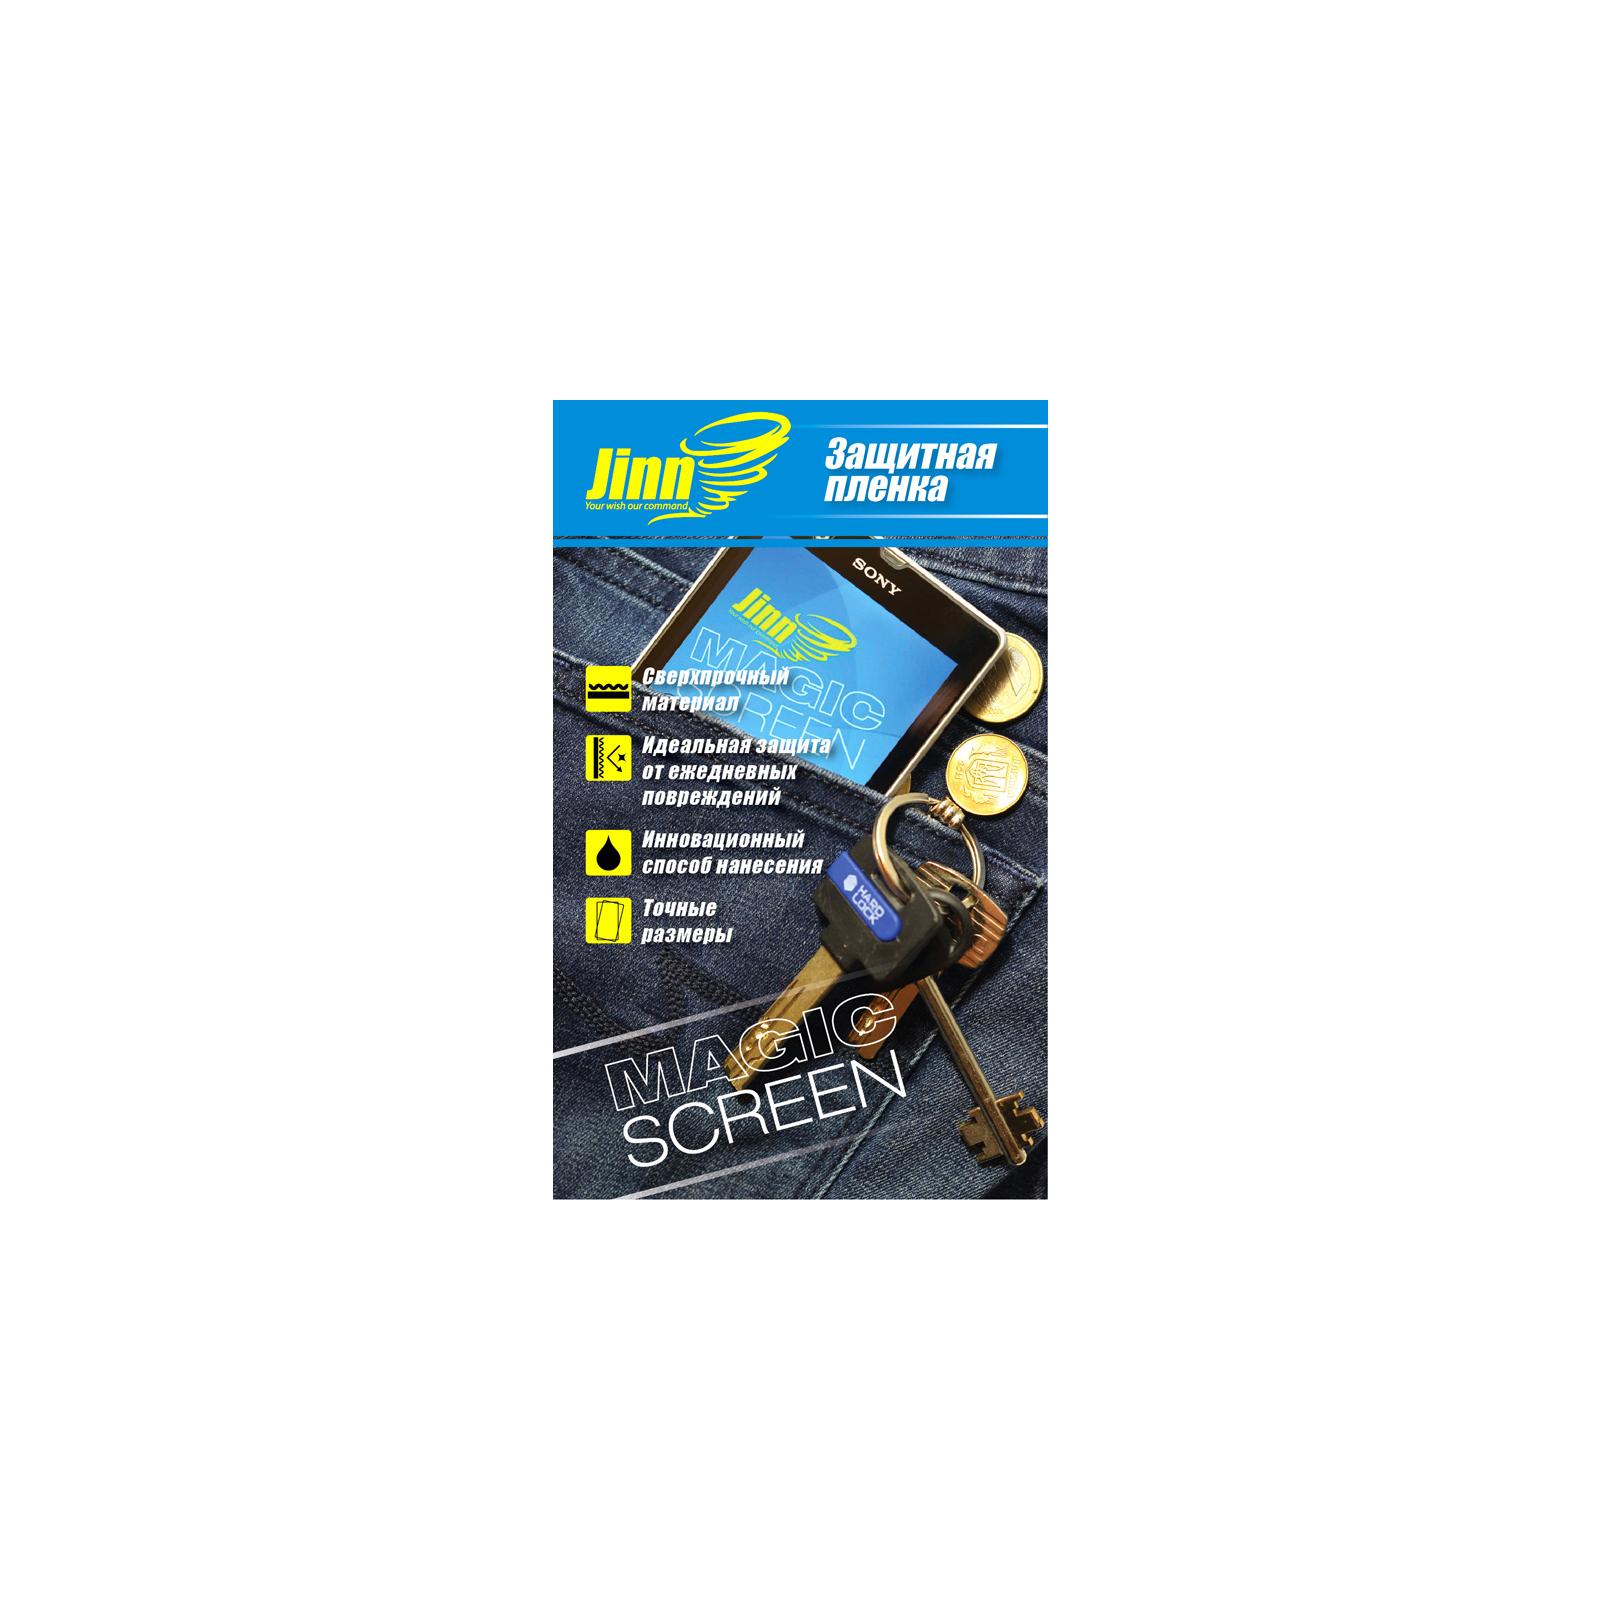 Пленка защитная JINN надміцна Magic Screen для Samsung Galaxy S4 Active i9225 (за (Samsung Galaxy S4 Active front)